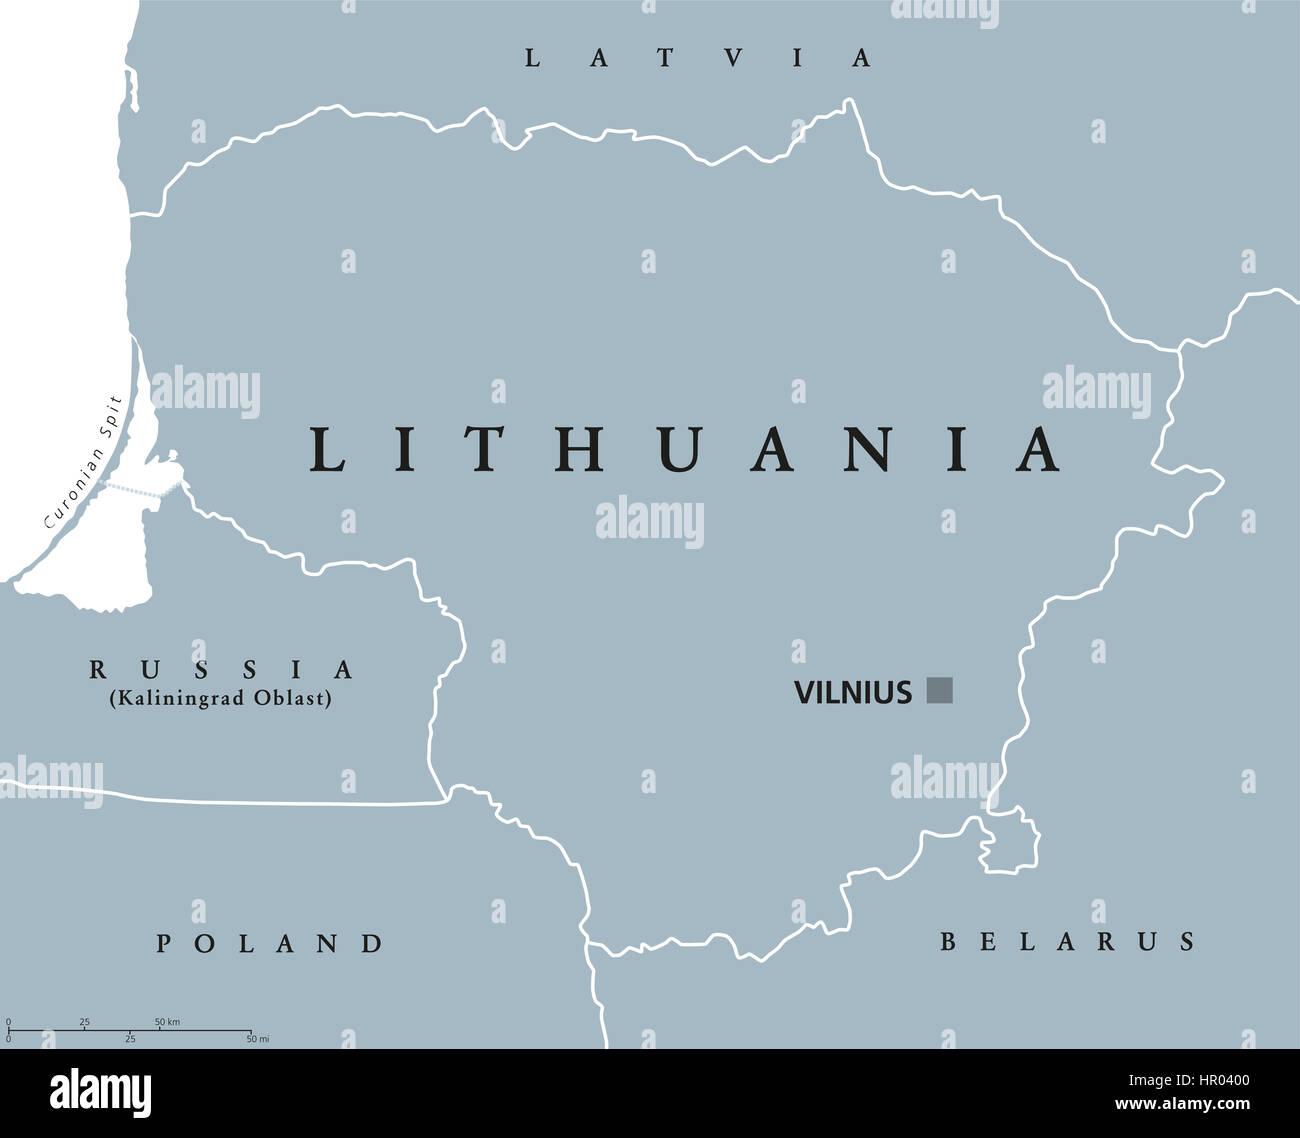 Cartina Con Capitali Europa.La Lituania Mappa Politico Con Capitale Vilnius I Confini Nazionali E I Paesi Vicini Repubblica Nel Nord Europa Uno Dei Tre Stati Baltici Foto Stock Alamy